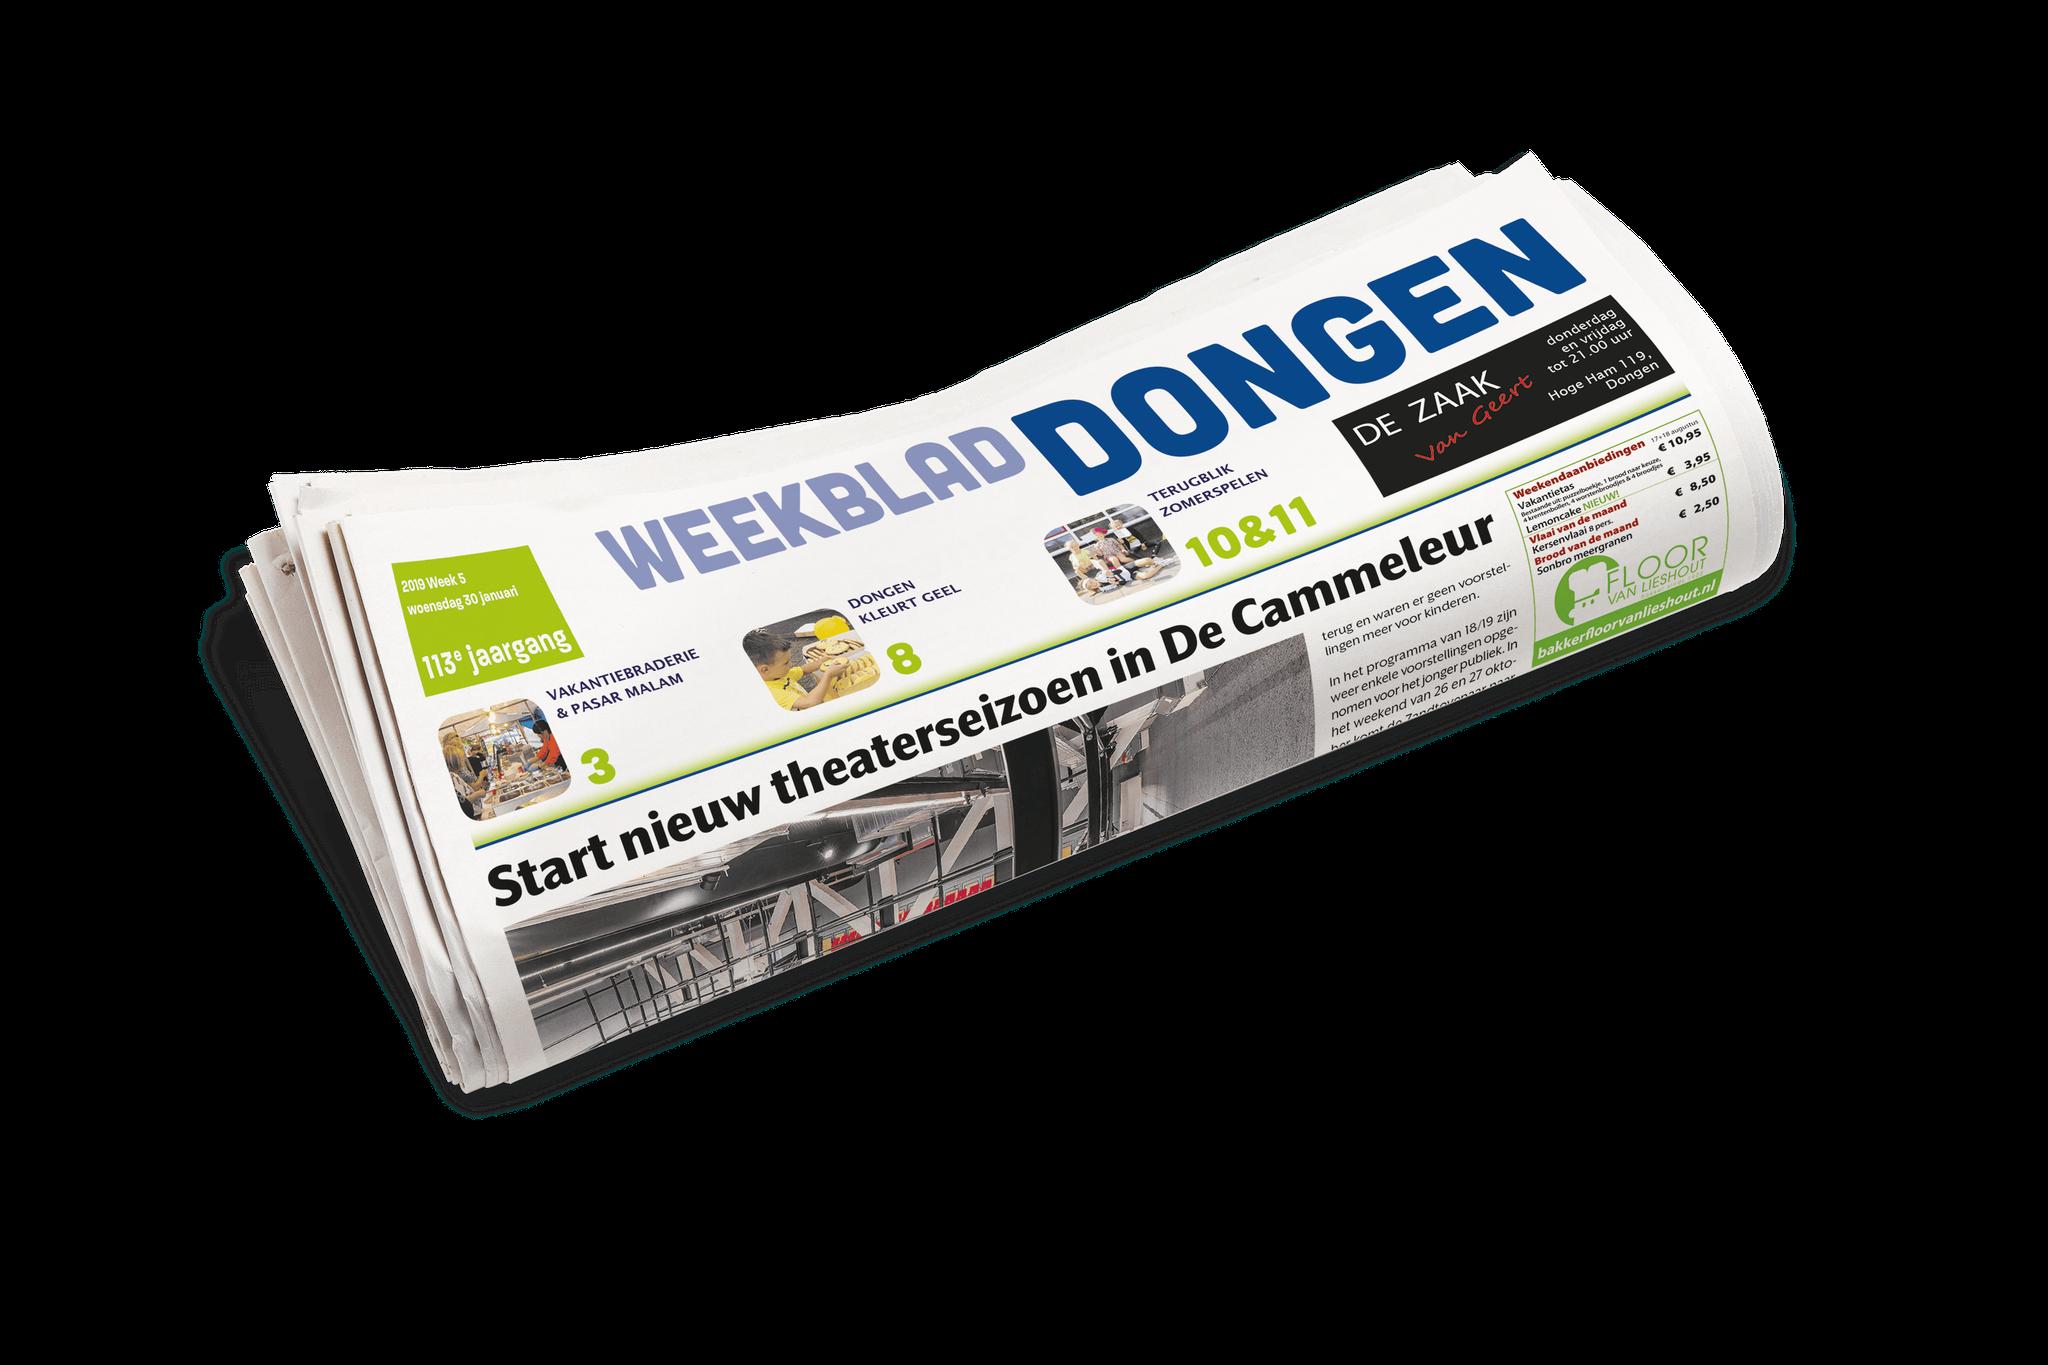 Weekblad Dongen